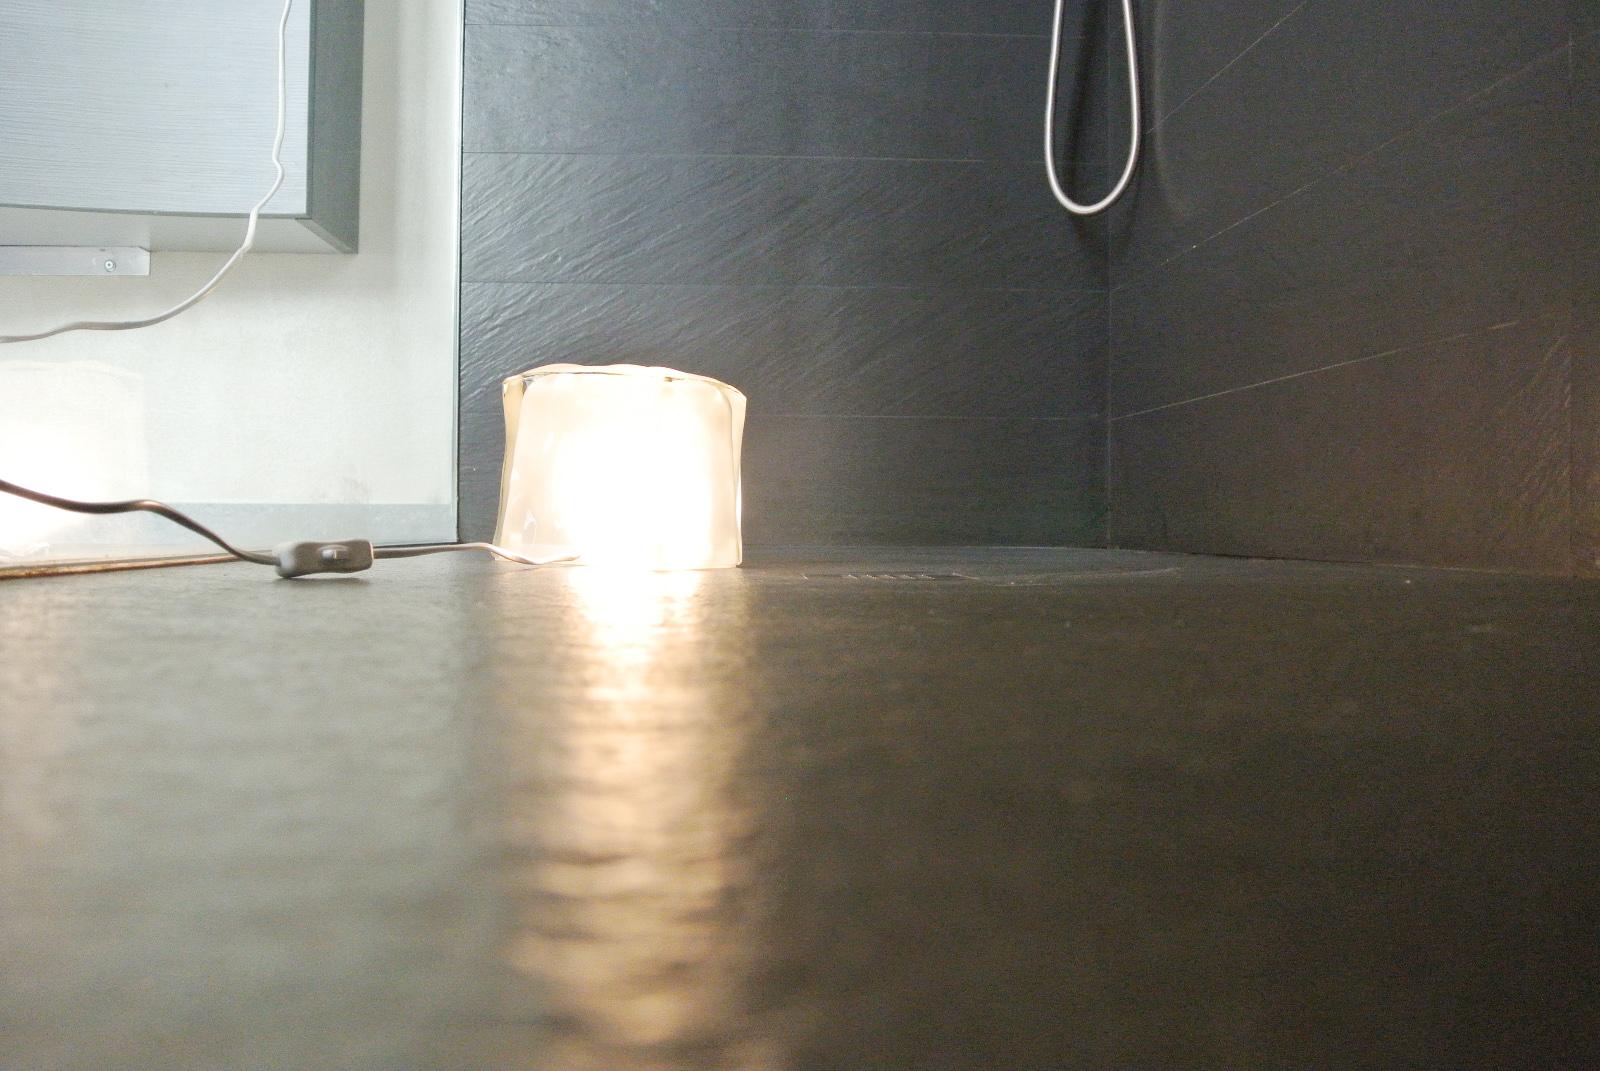 sintesibagno-verbania-lago-maggiore-svizzera-canton-ticino-locarno-ascona-bellinzona-piatto-doccia-grandi-dimensioni-filo-pavimento-luce